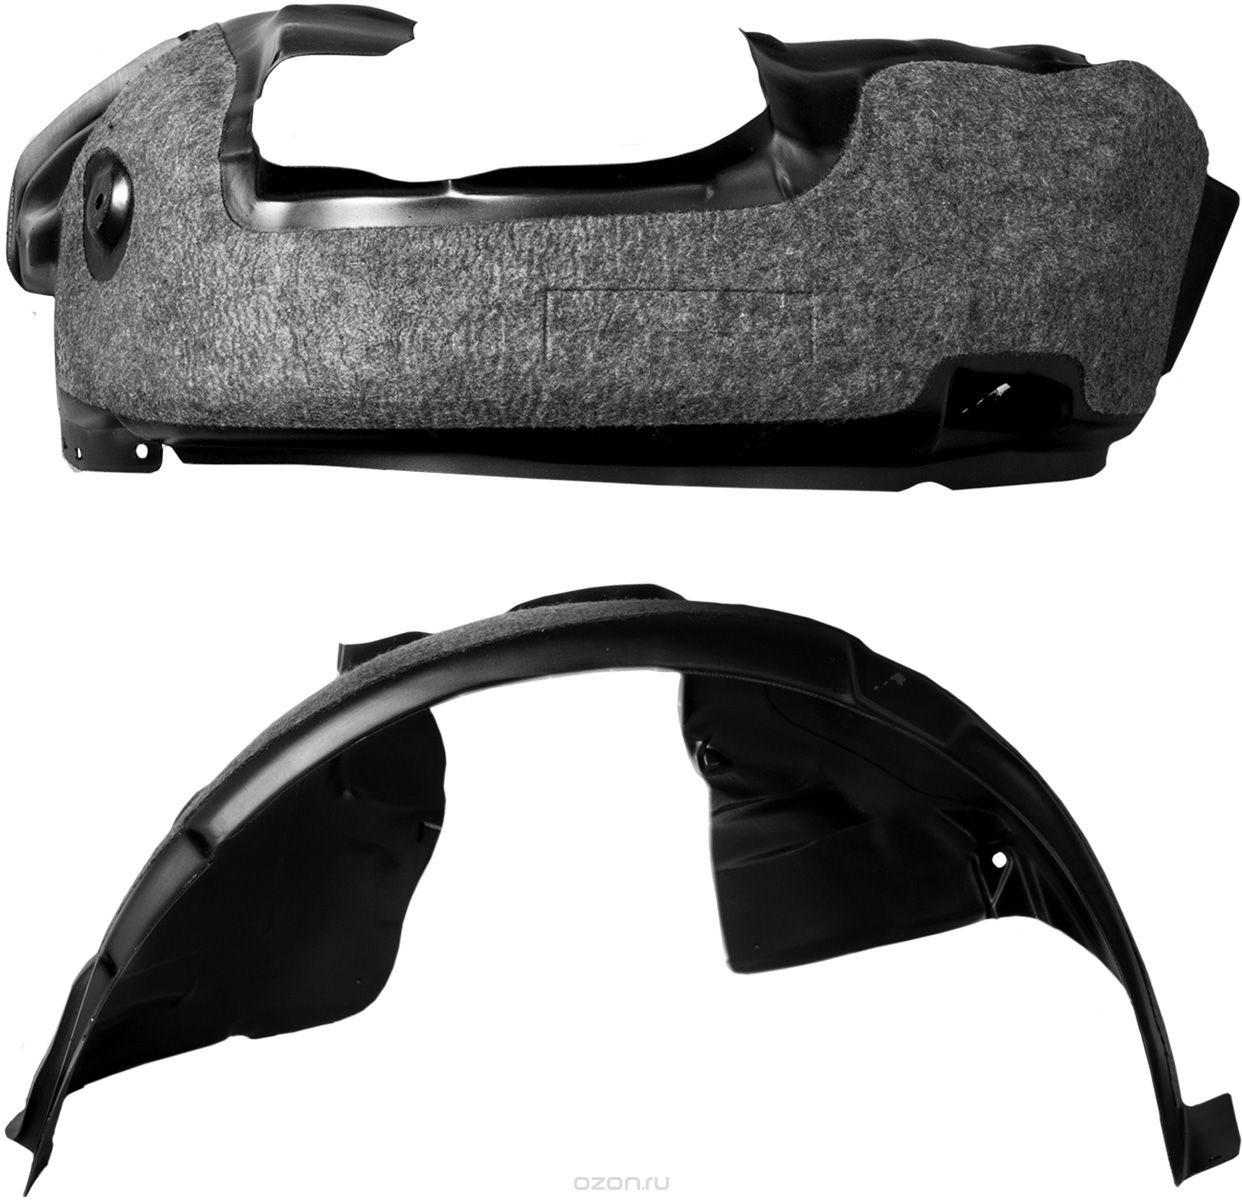 Подкрылок Novline-Autofamily, с шумоизоляцией, для RAVON Gentra, 2013->, седан, передний левыйNLS.102.01.001Идеальная защита колесной ниши. Локеры разработаны с применением цифровых технологий, гарантируют максимальную повторяемость поверхности арки. Изделия устанавливаются без нарушения лакокрасочного покрытия автомобиля, каждый подкрылок комплектуется крепежом. Уважаемые клиенты, обращаем ваше внимание, что фотографии на подкрылки универсальные и не отражают реальную форму изделия. При этом само изделие идет точно под размер указанного автомобиля.